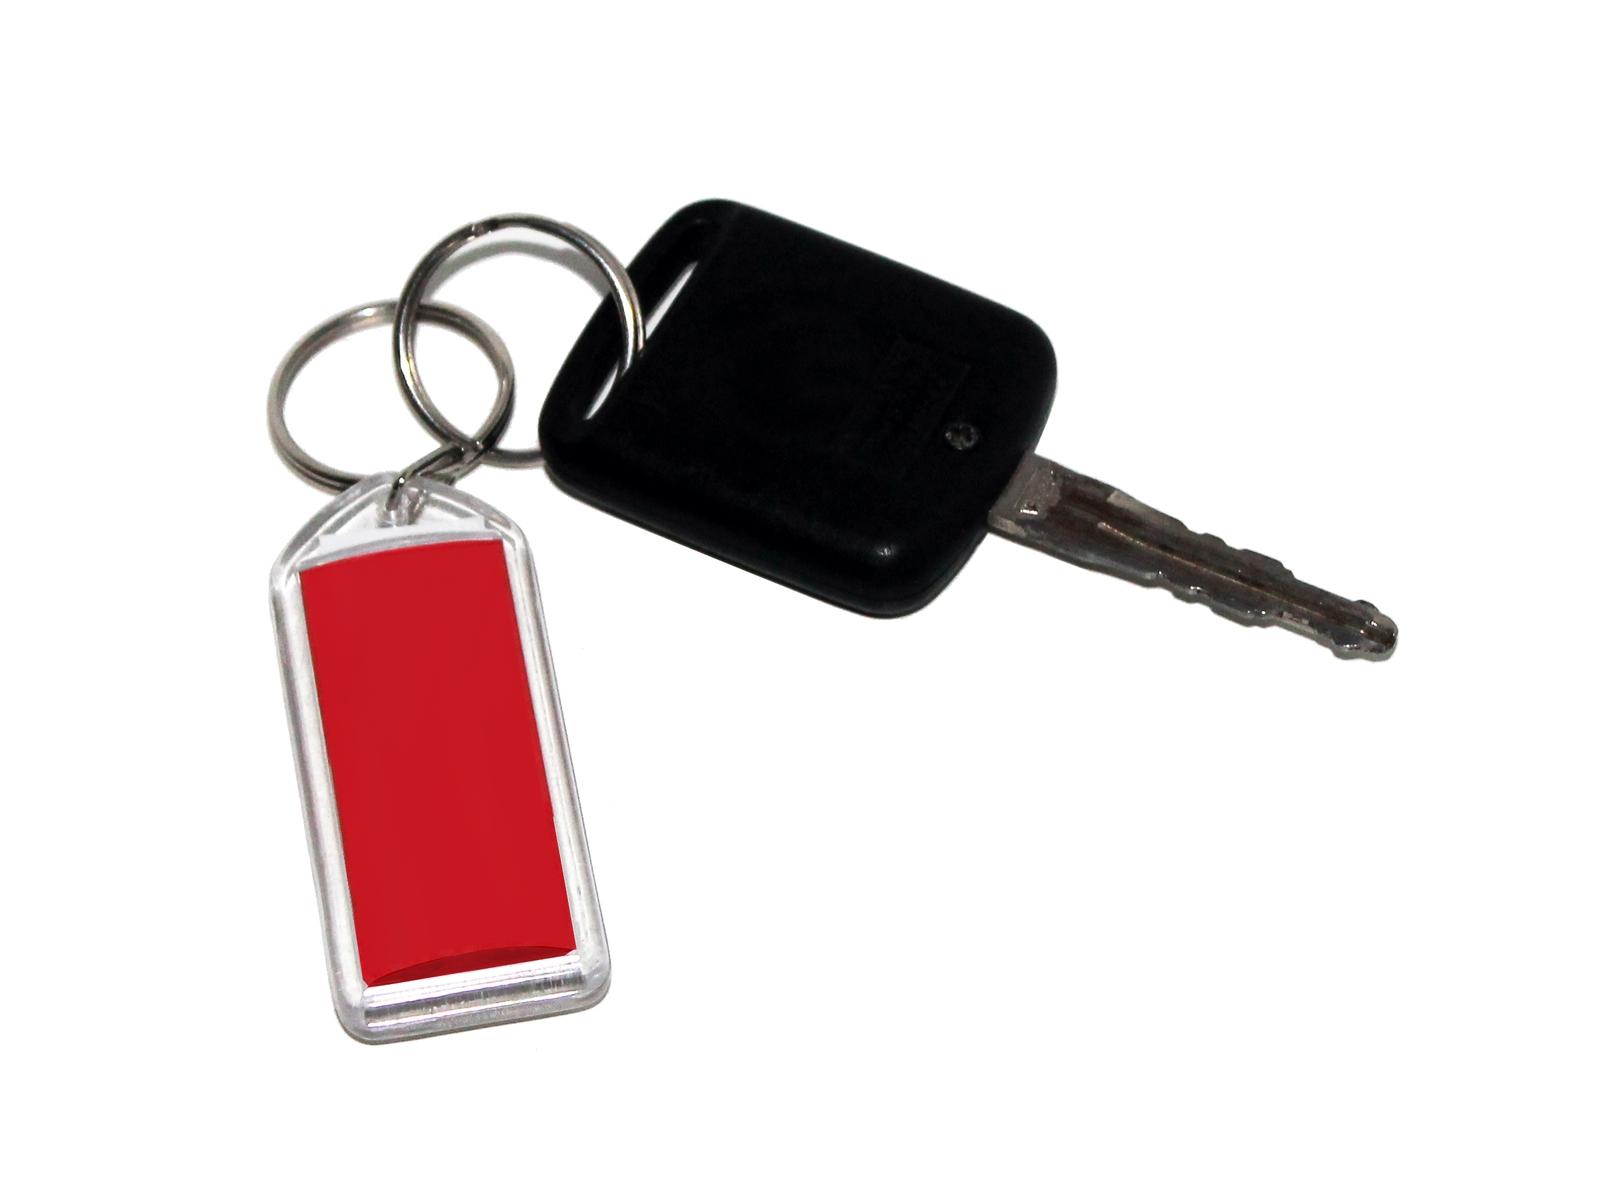 שכפול מפתחות לרכב באשדוד